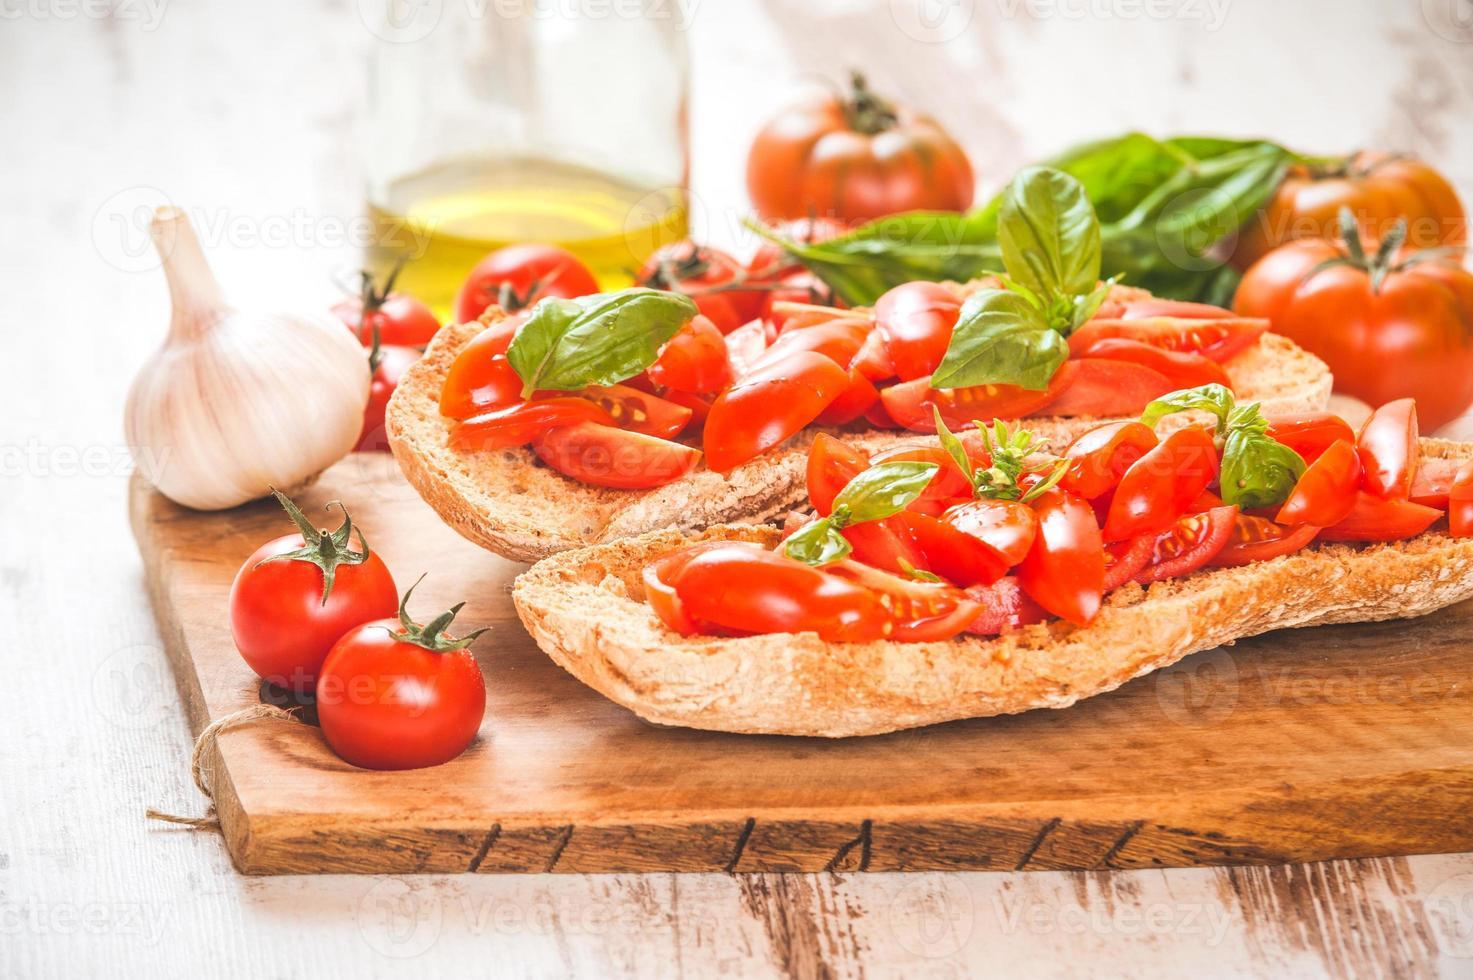 entrada italiana, bruschetta com tomate fresco vermelho siciliano em um foto